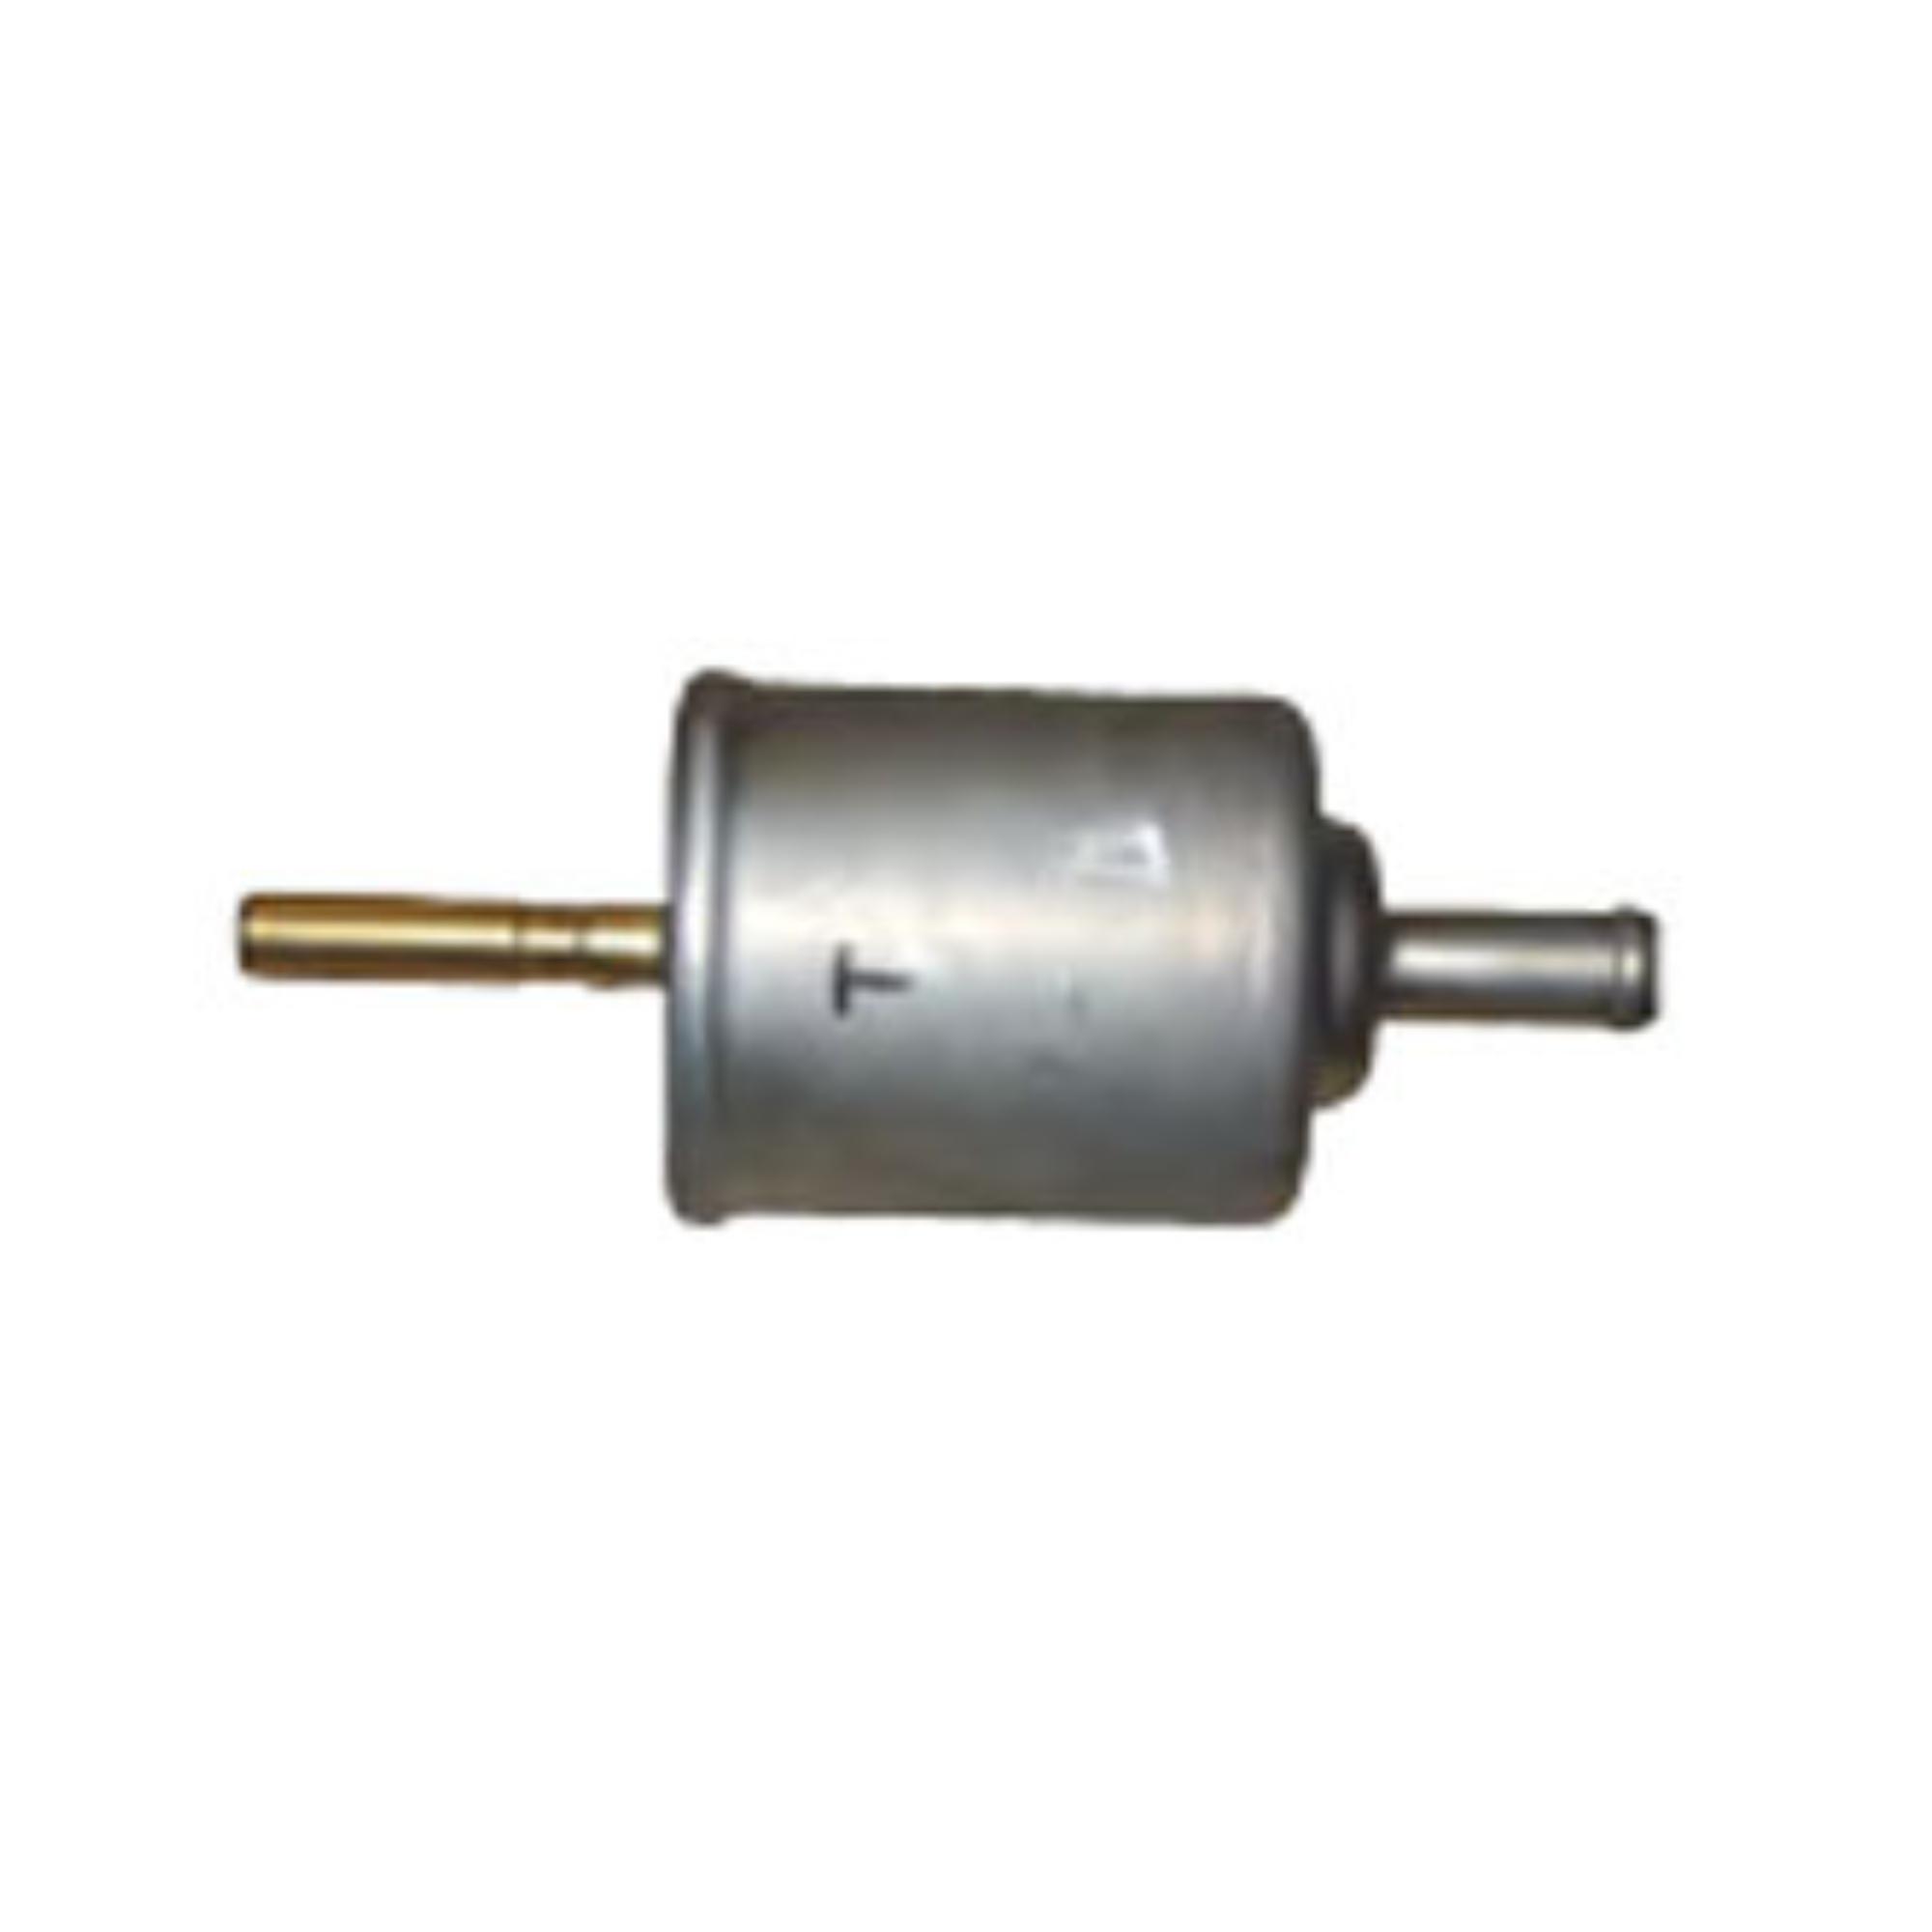 Yamaha New Oem Inline Fuel Filter Strainer 1 60v 24251 01 00 91 F150